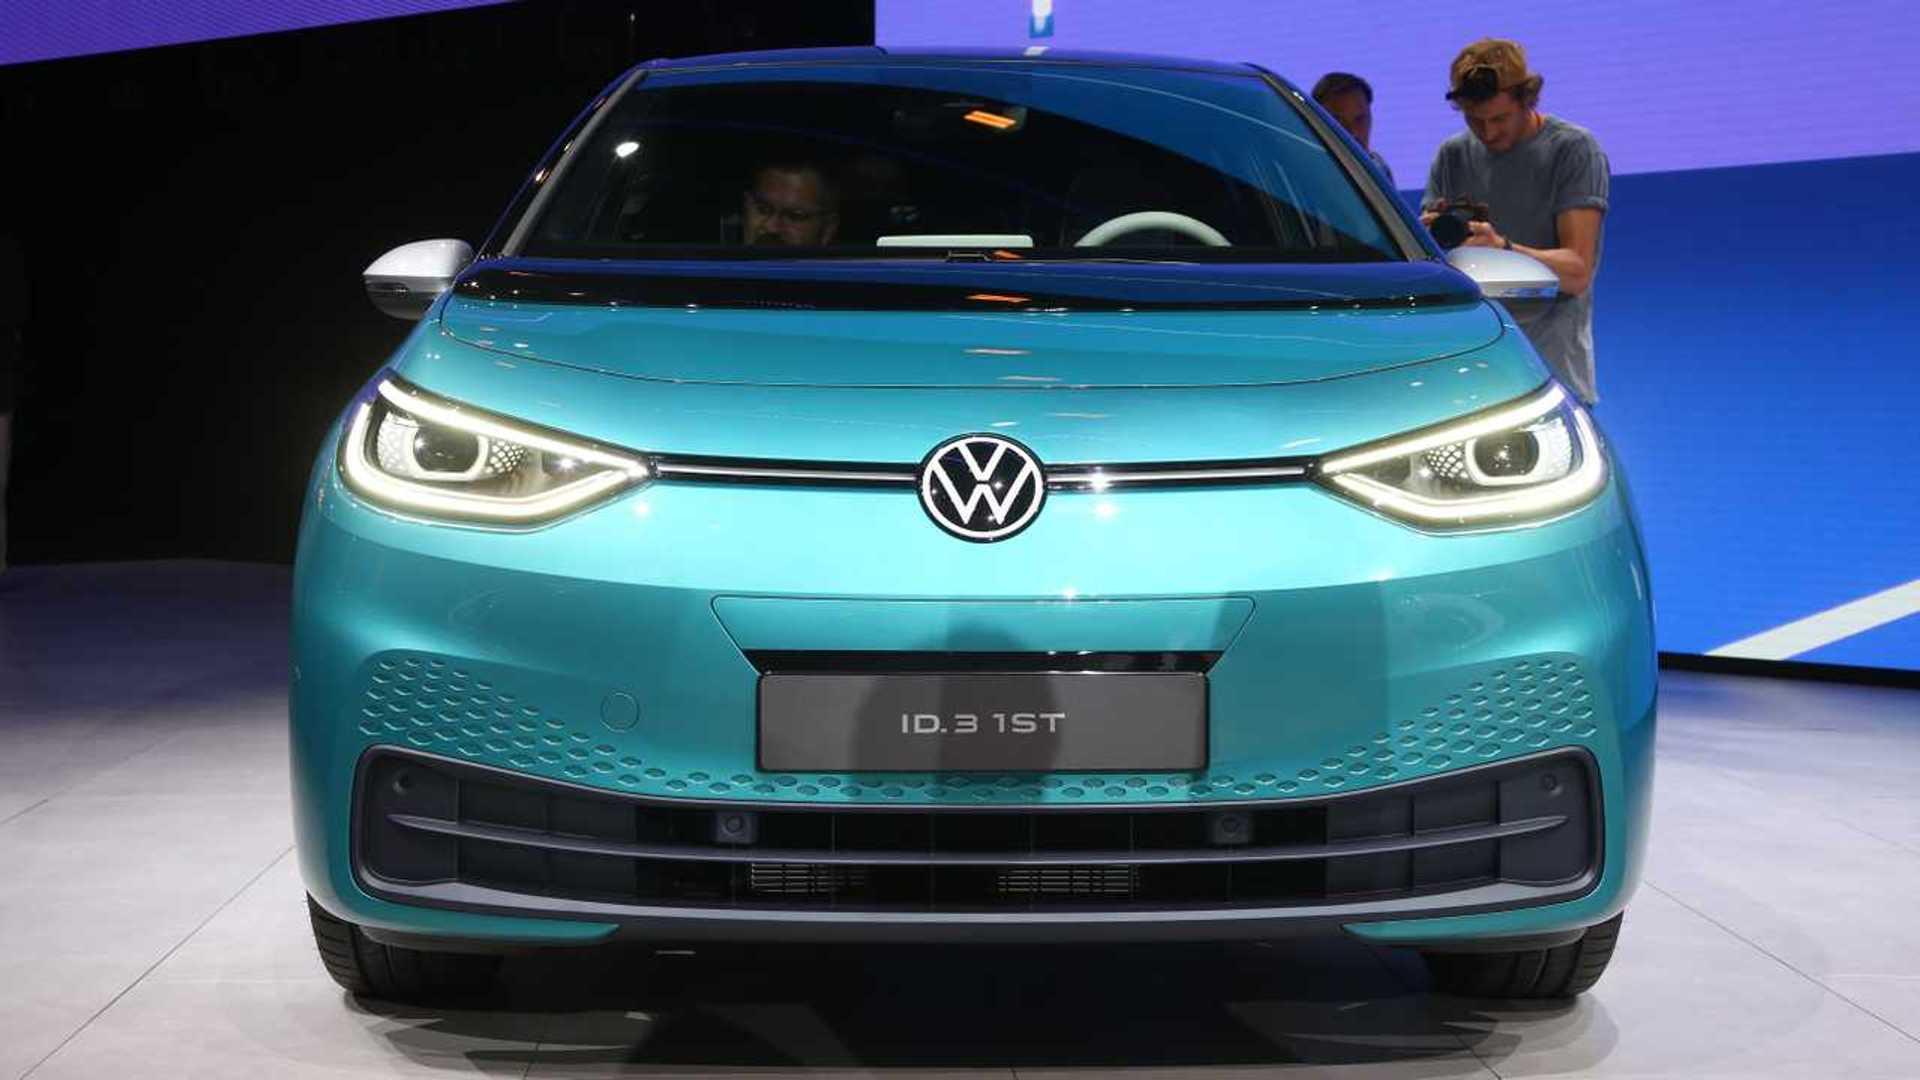 Volkswagen ID.3: Frankfurt 2019